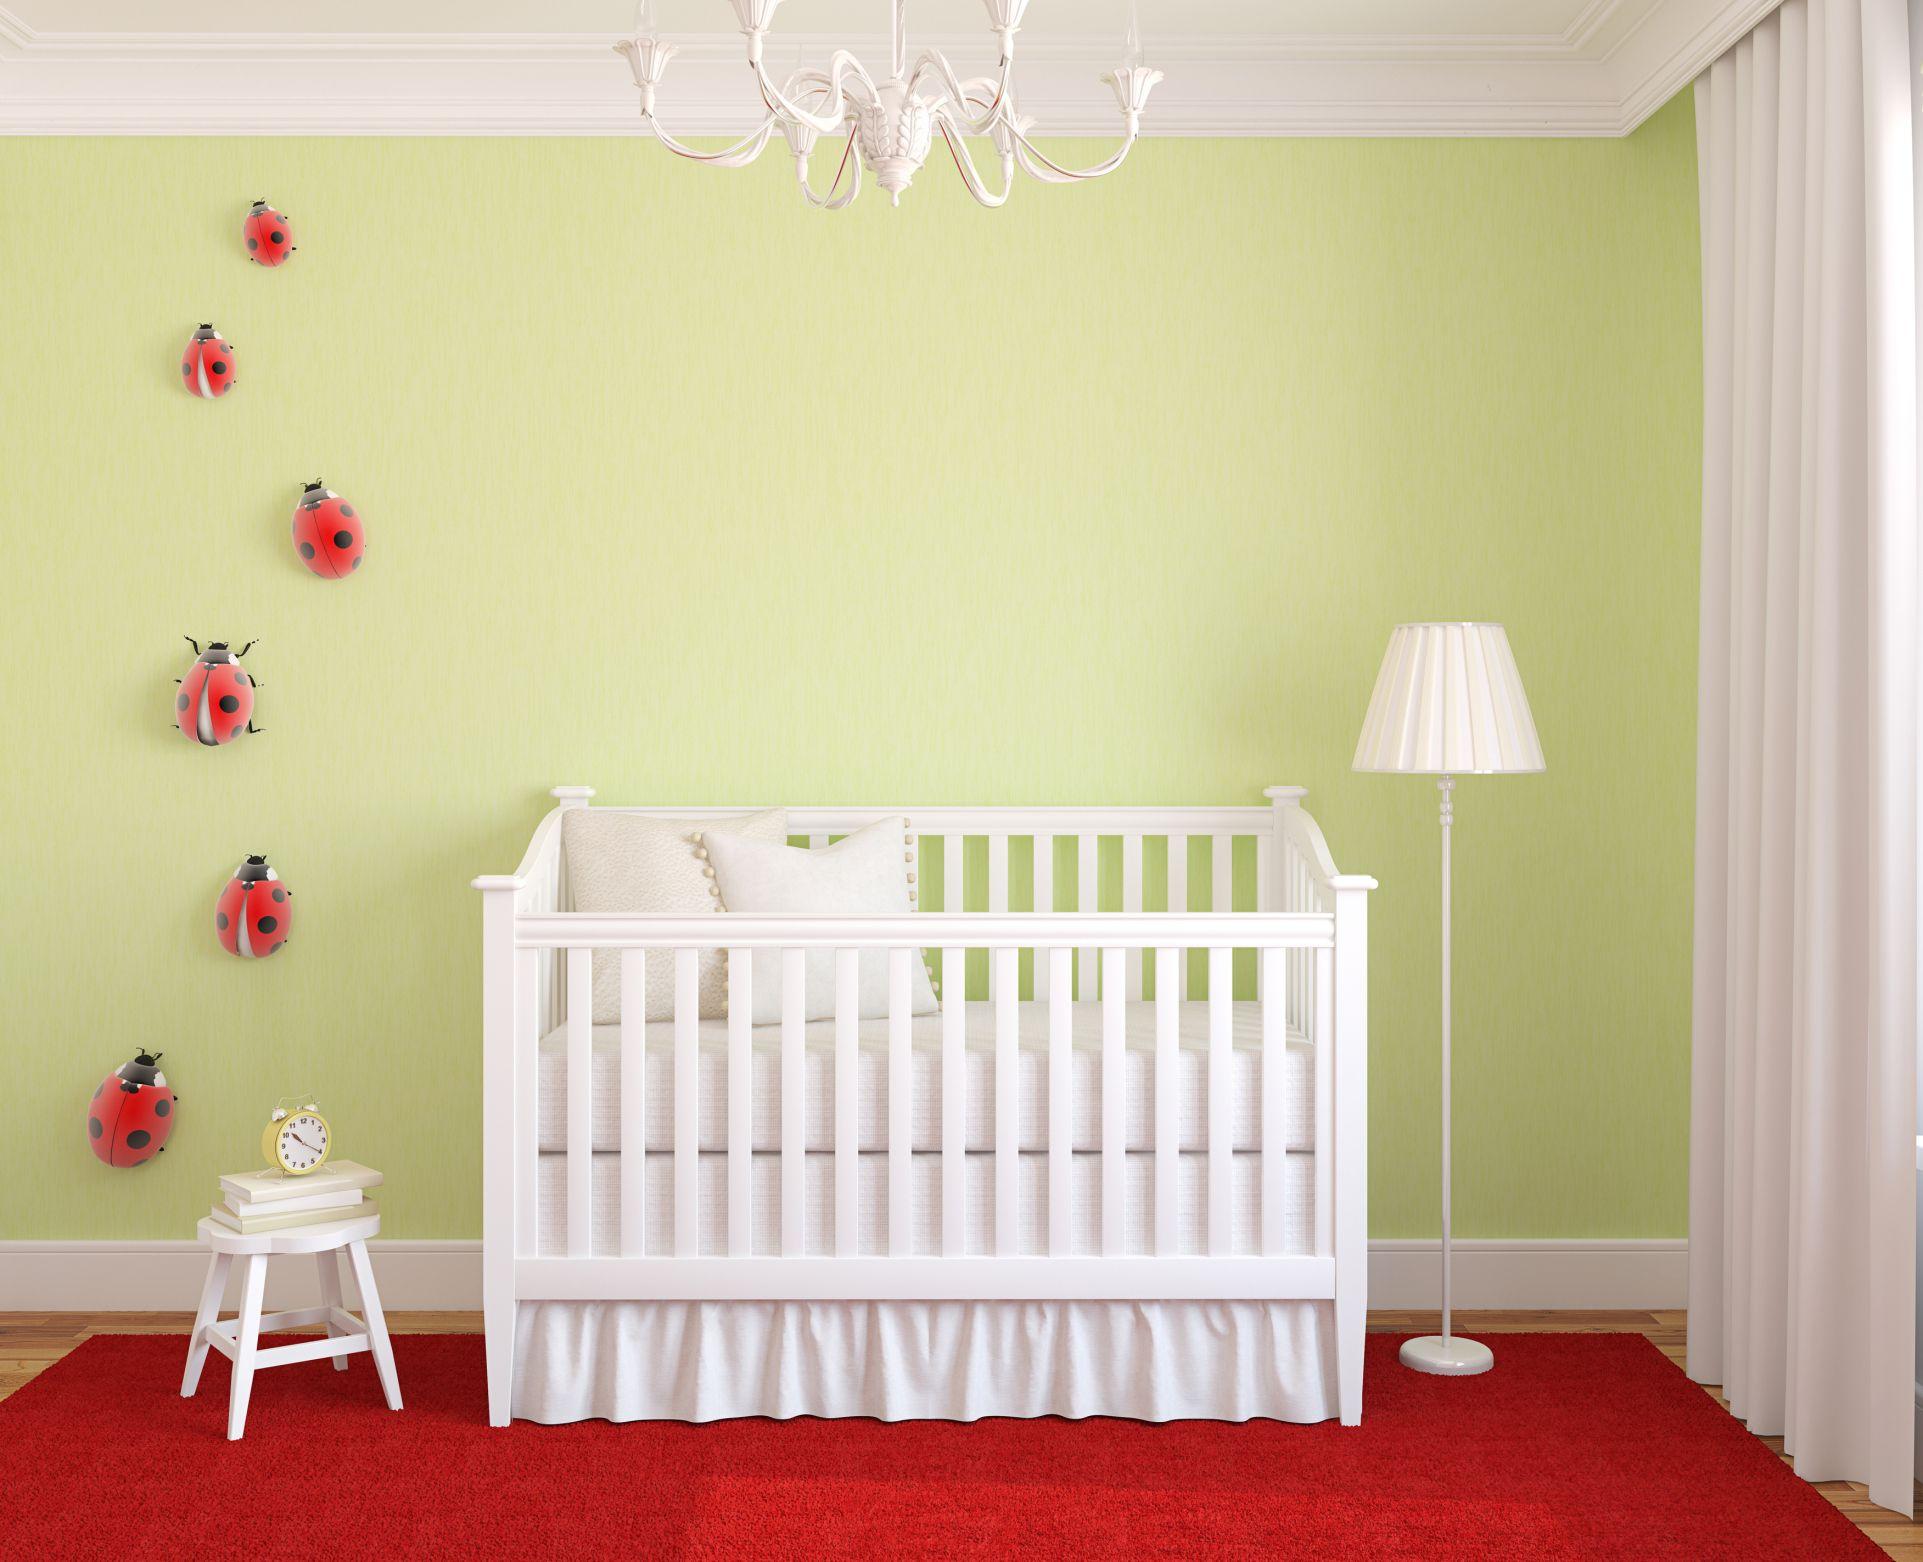 dormitorio color verde limn cuna blanca paradormitorio bebehabitaciones - Decoracion De Habitaciones De Bebes